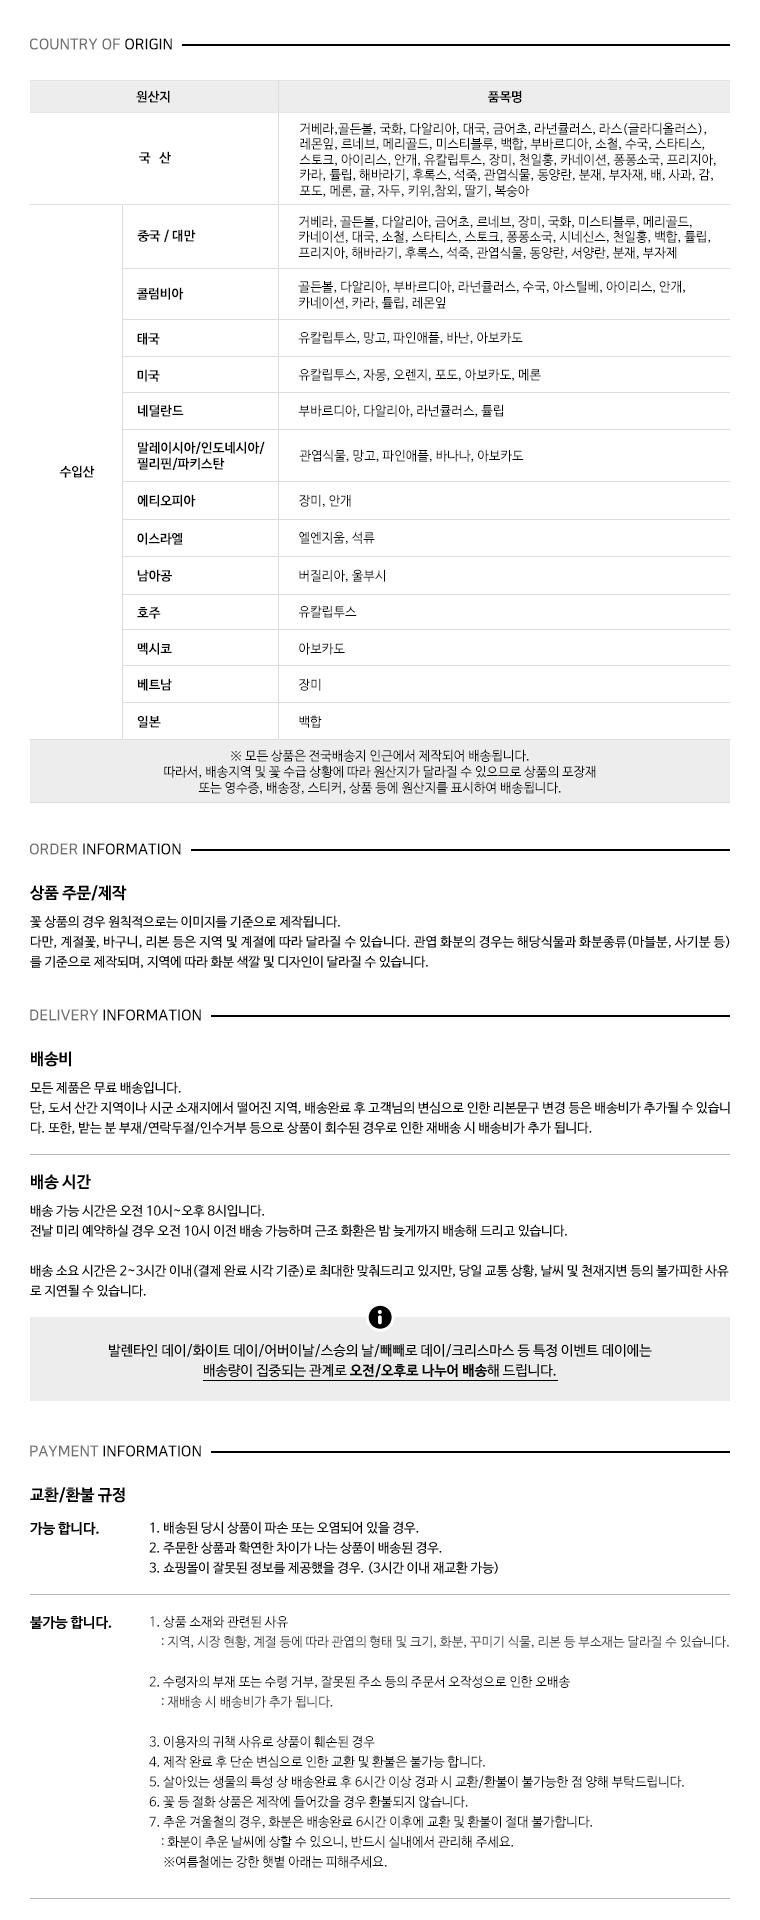 꽃집청년들 상품 주문, 배송정보 교환/환불 규정 안내